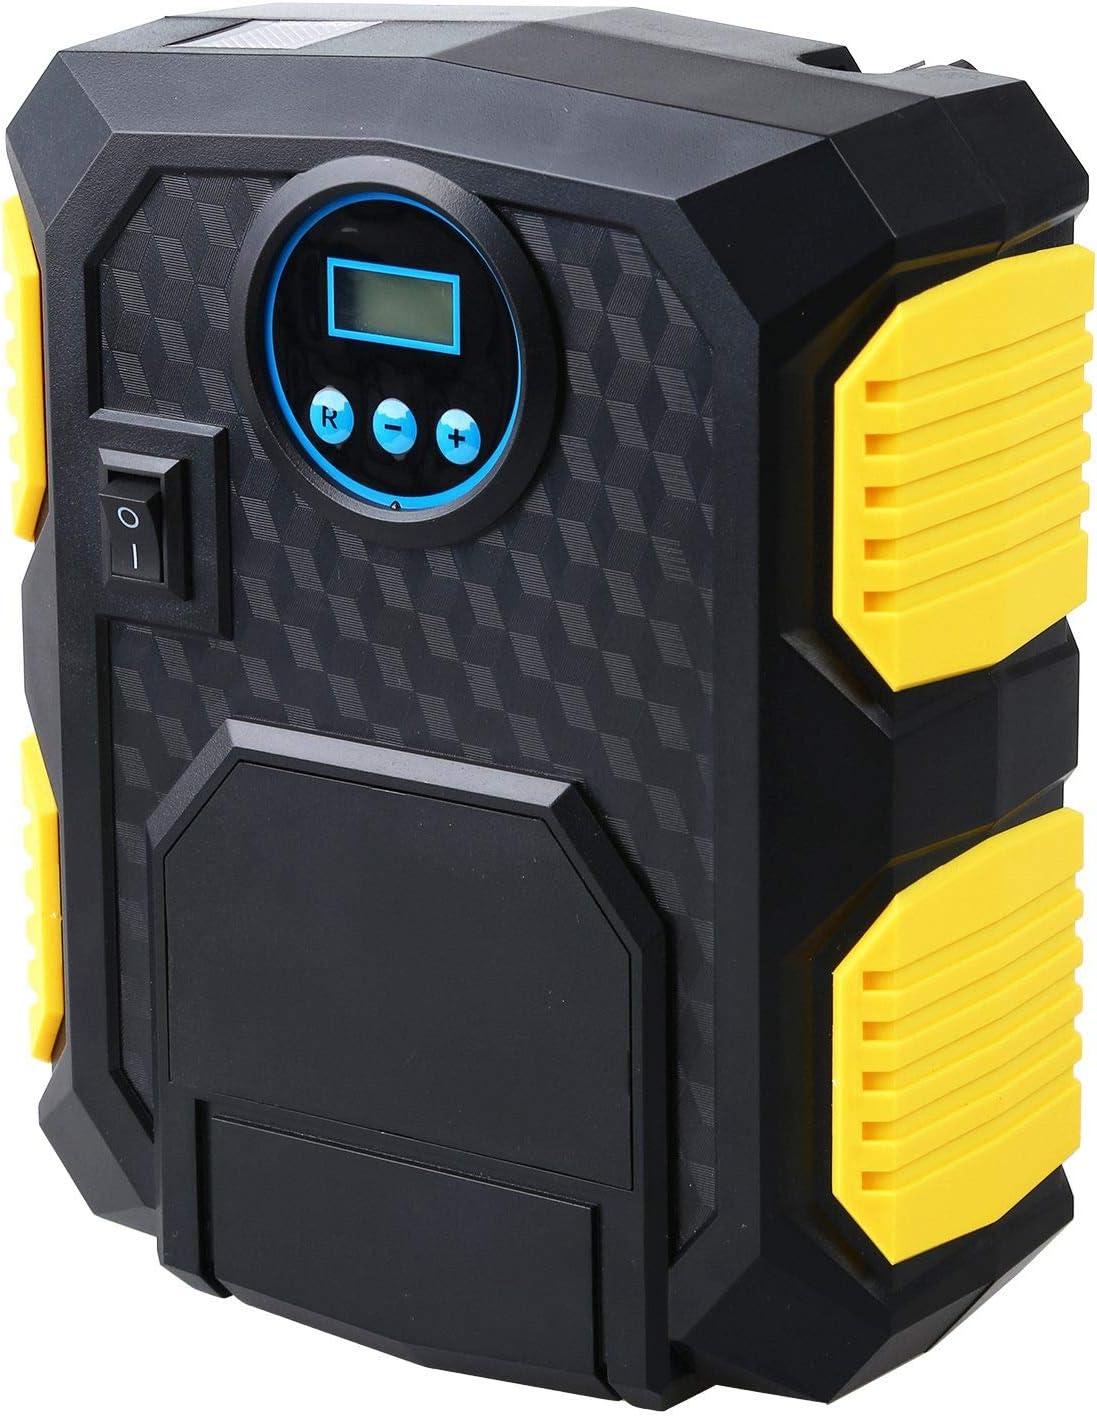 YHCHONGQENB Bomba portátil Digital del neumático del Coche de 12V Digital neumático del compresor de Aire eléctrico automático